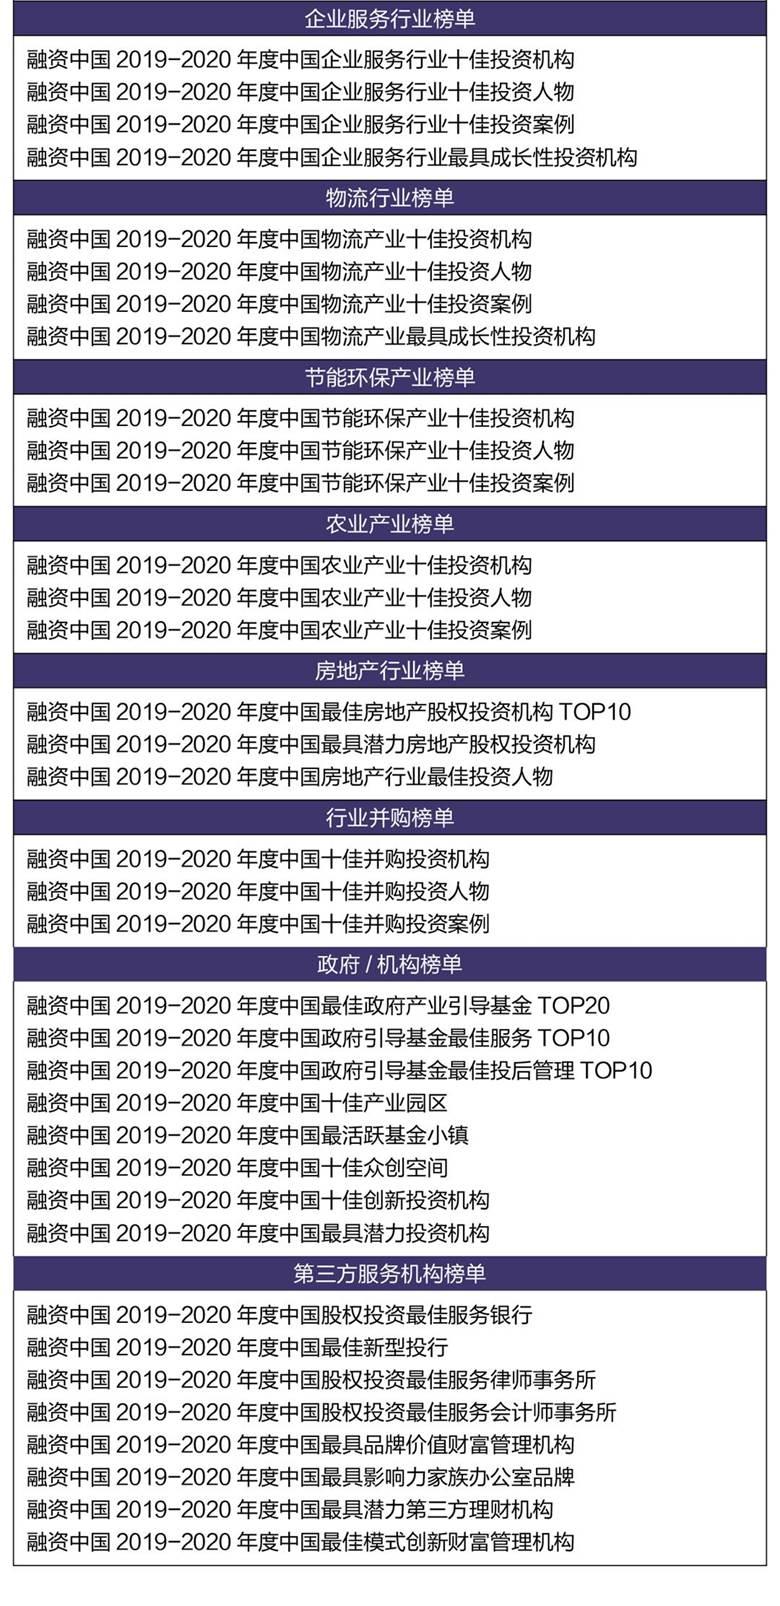 融资中国2020股权投资产业峰会_09.jpg